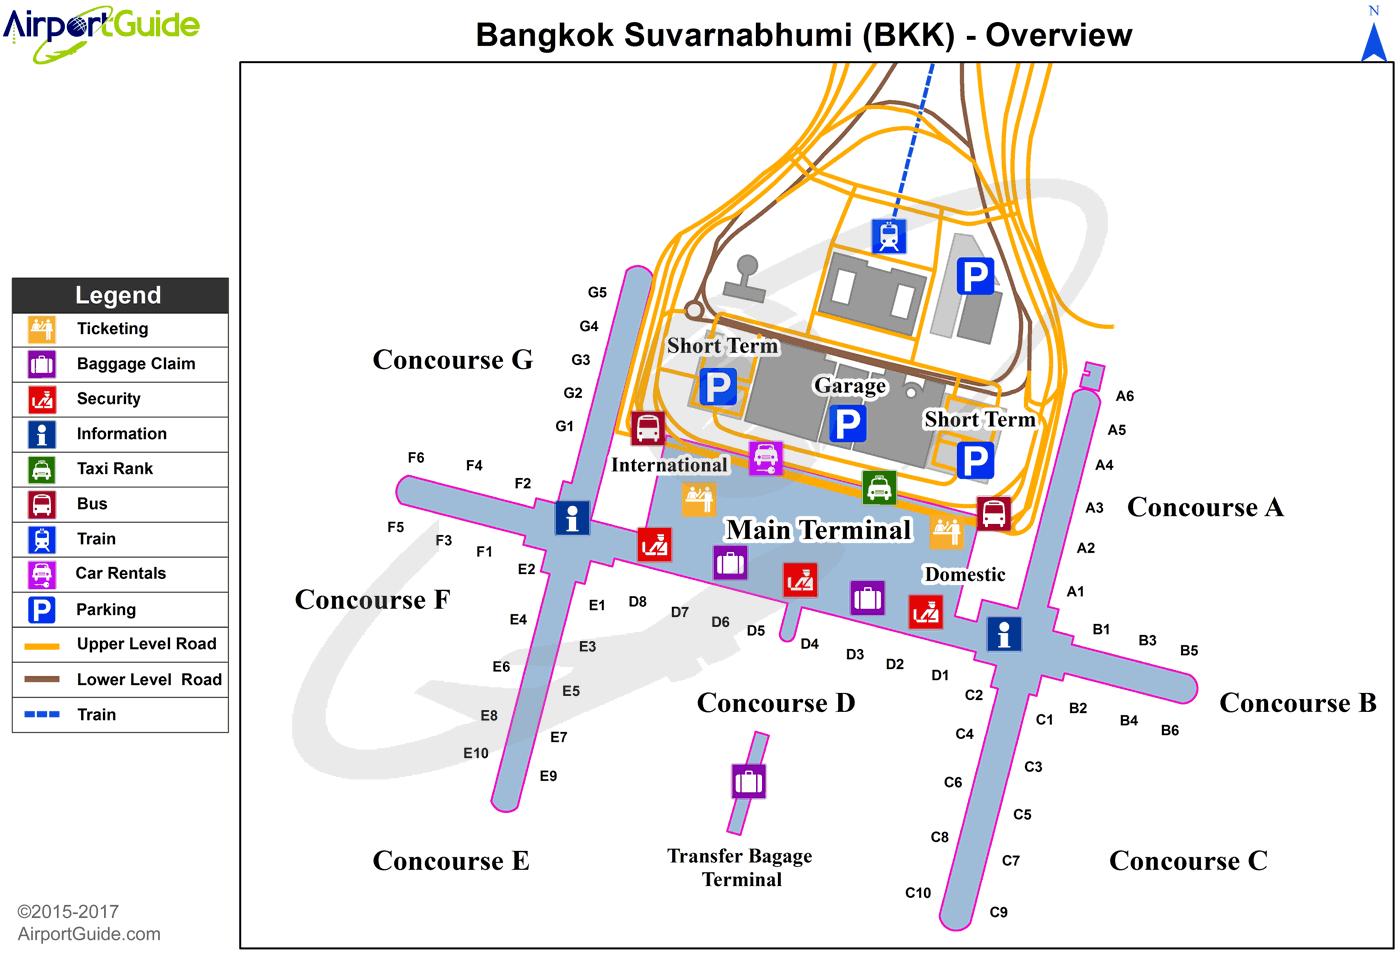 Bangkok Suvarnabhumi BKK Airport Terminal Maps TravelWidgetcom